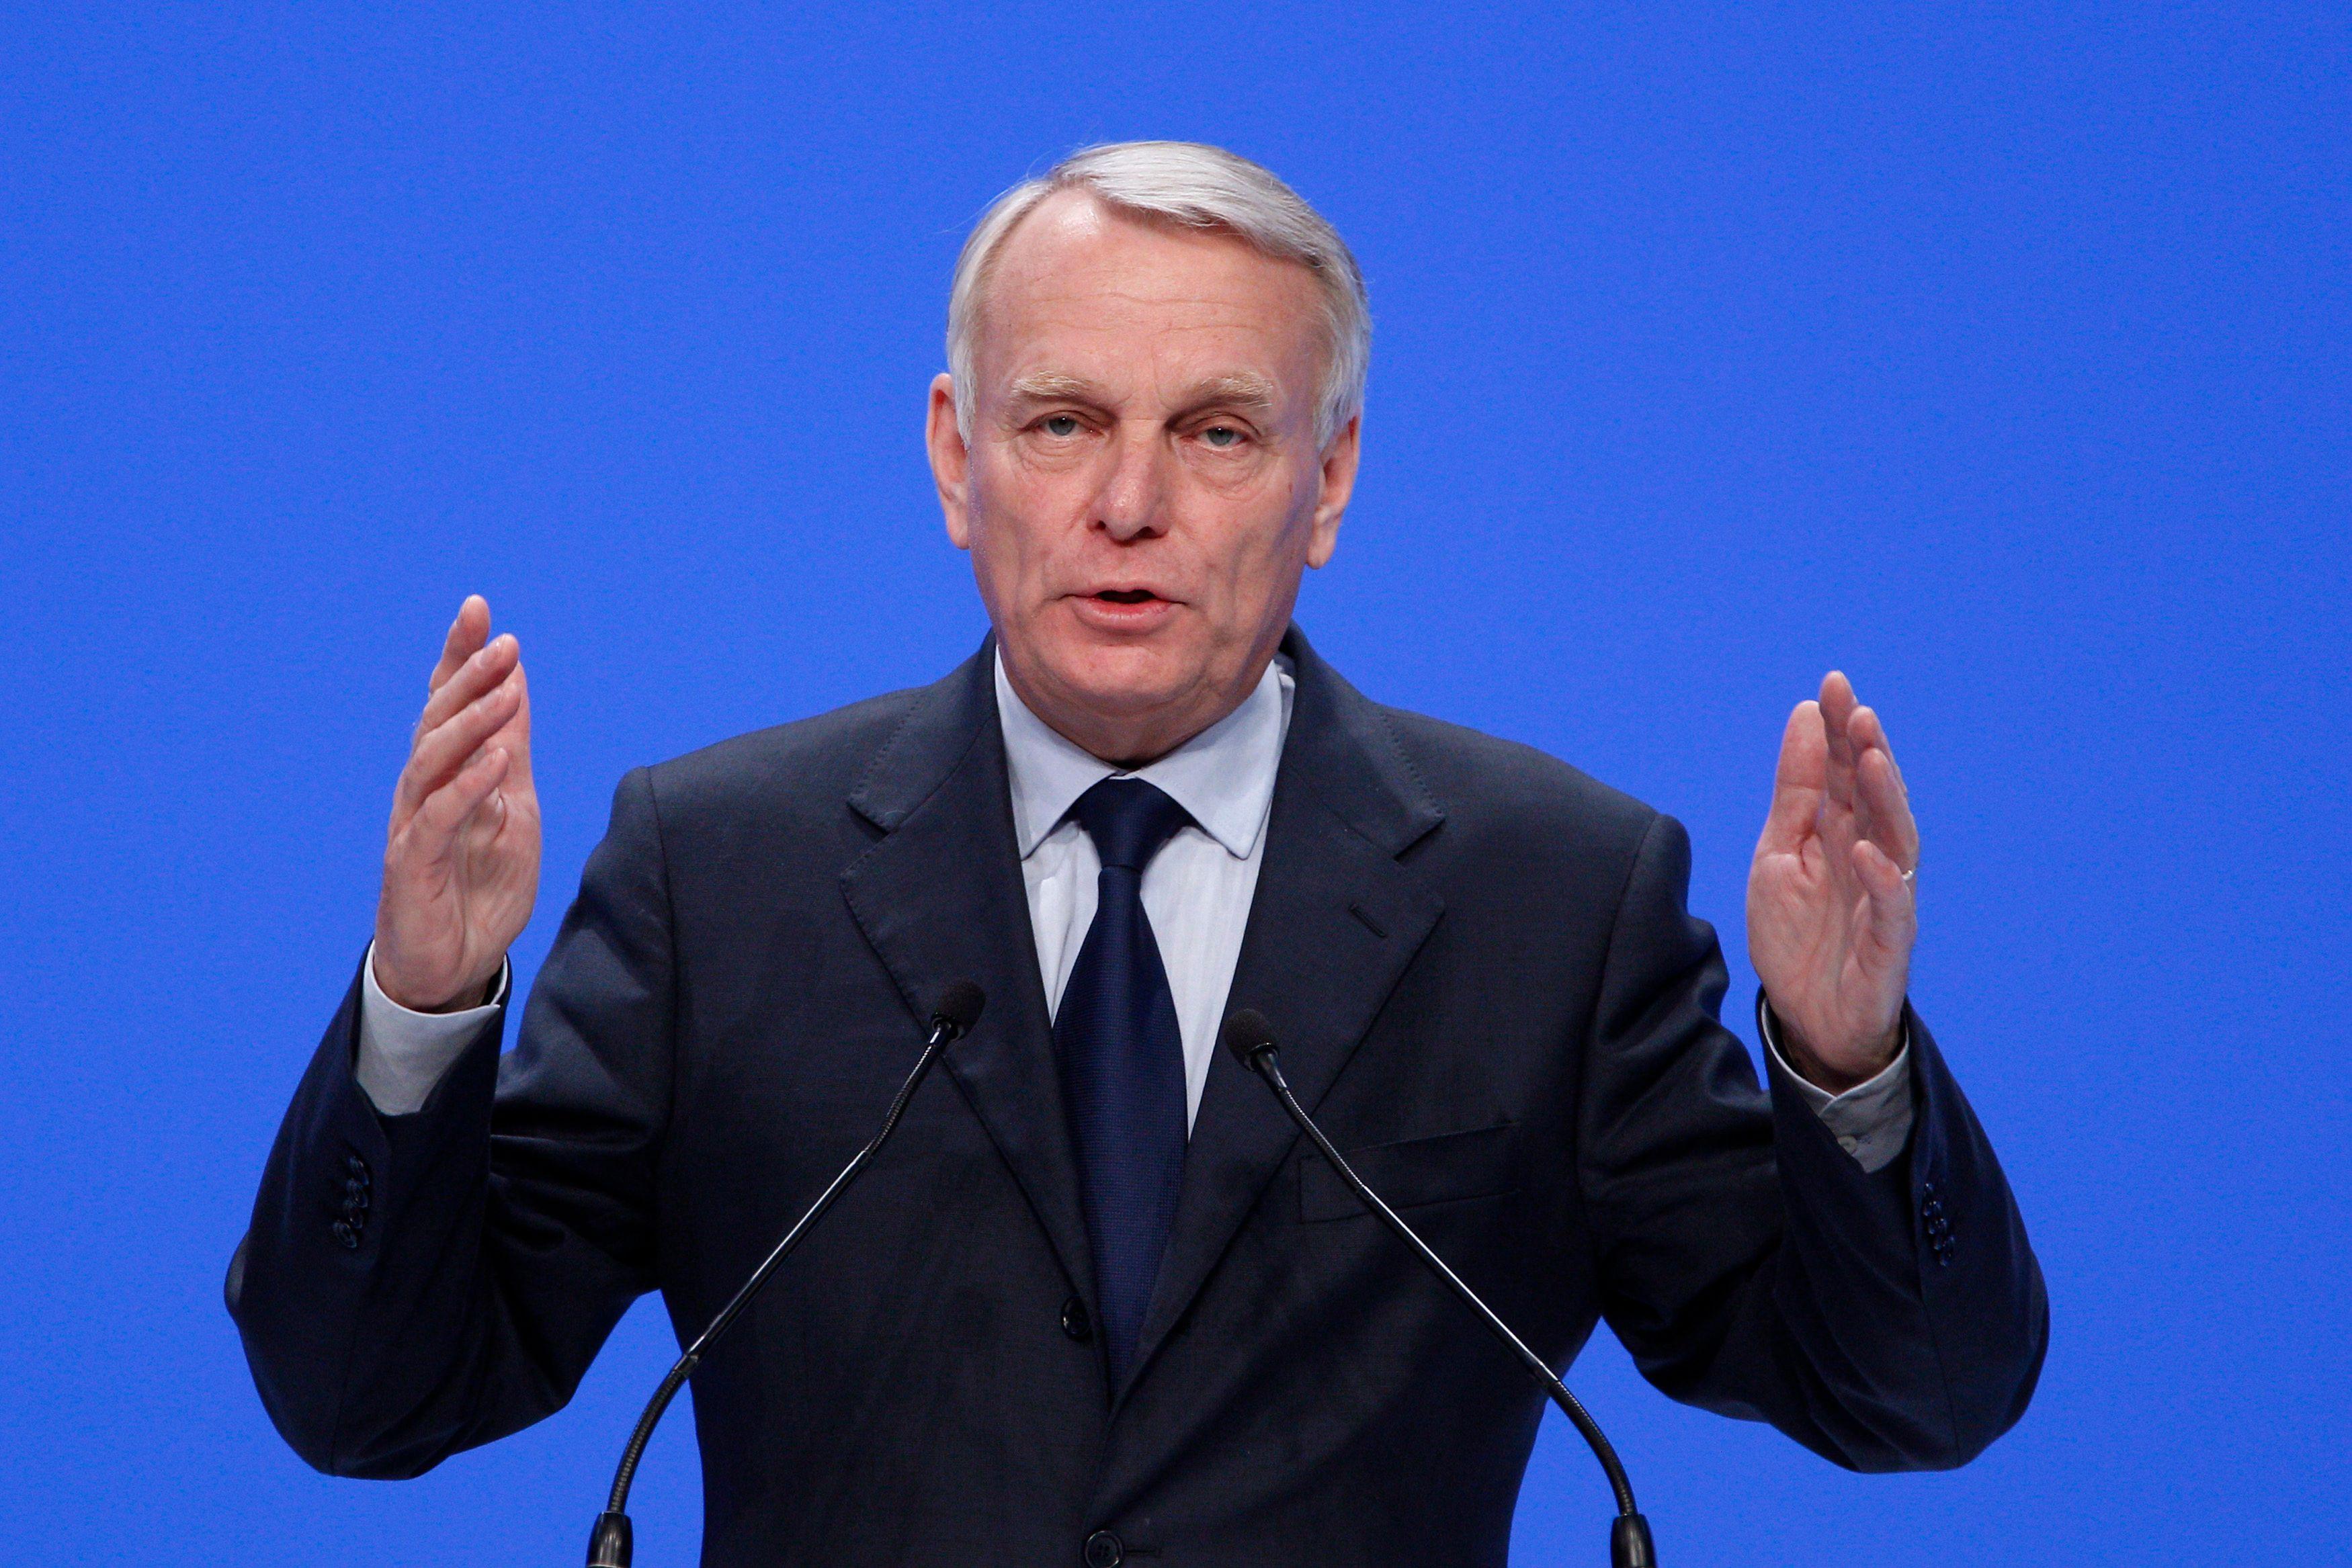 Le discours de Jean-Marc Ayrault a suscité de nombreuses réactions à droite comme à gauche.